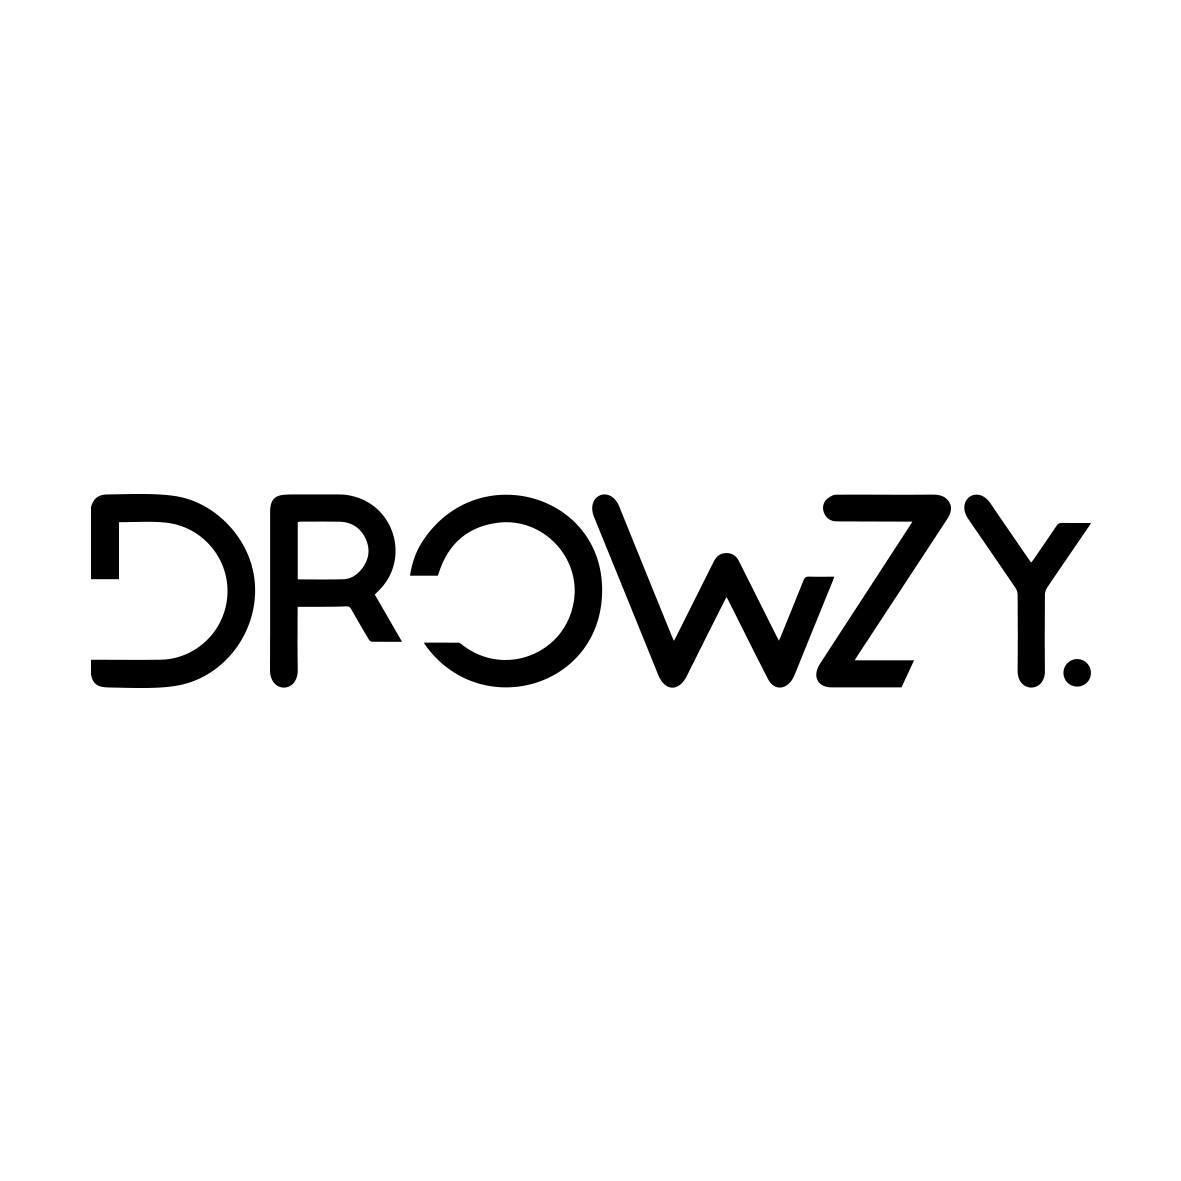 Drowzy